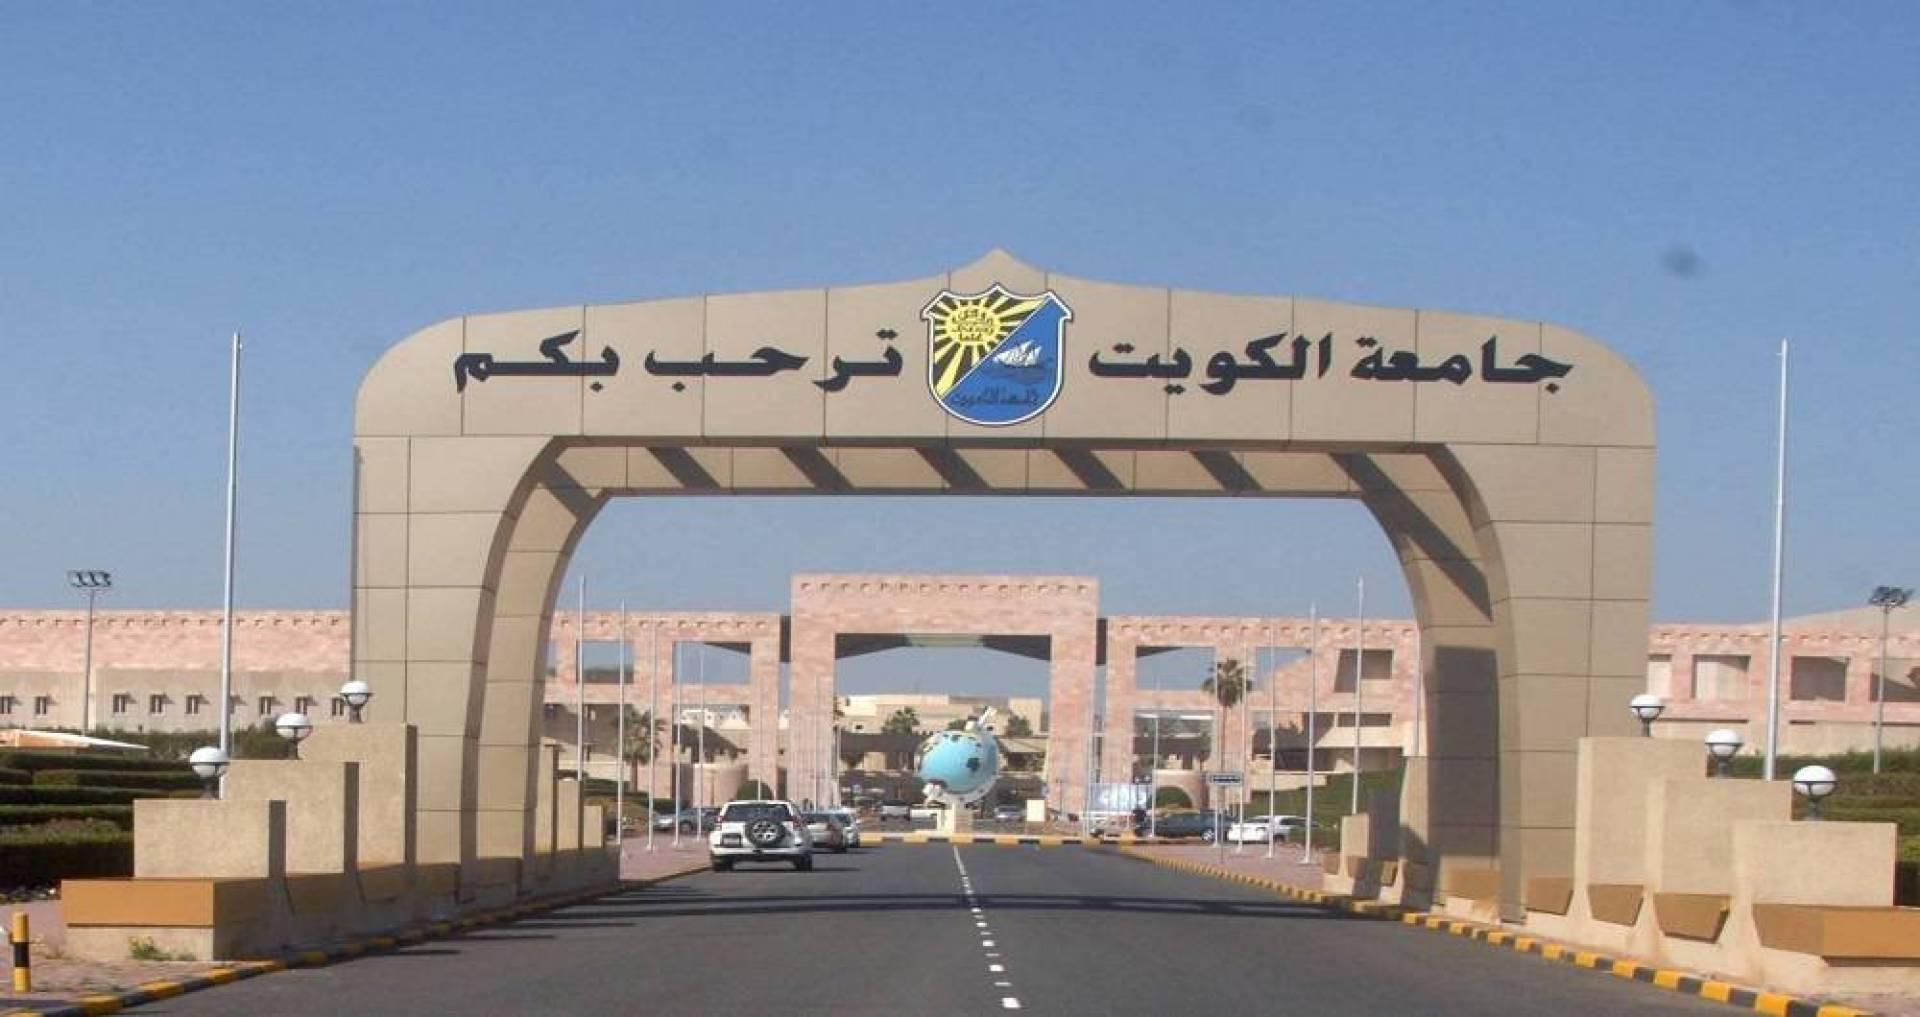 جامعة الكويت: استئناف التسجيل الإلكتروني لاختبارات القدرات الأكاديمية